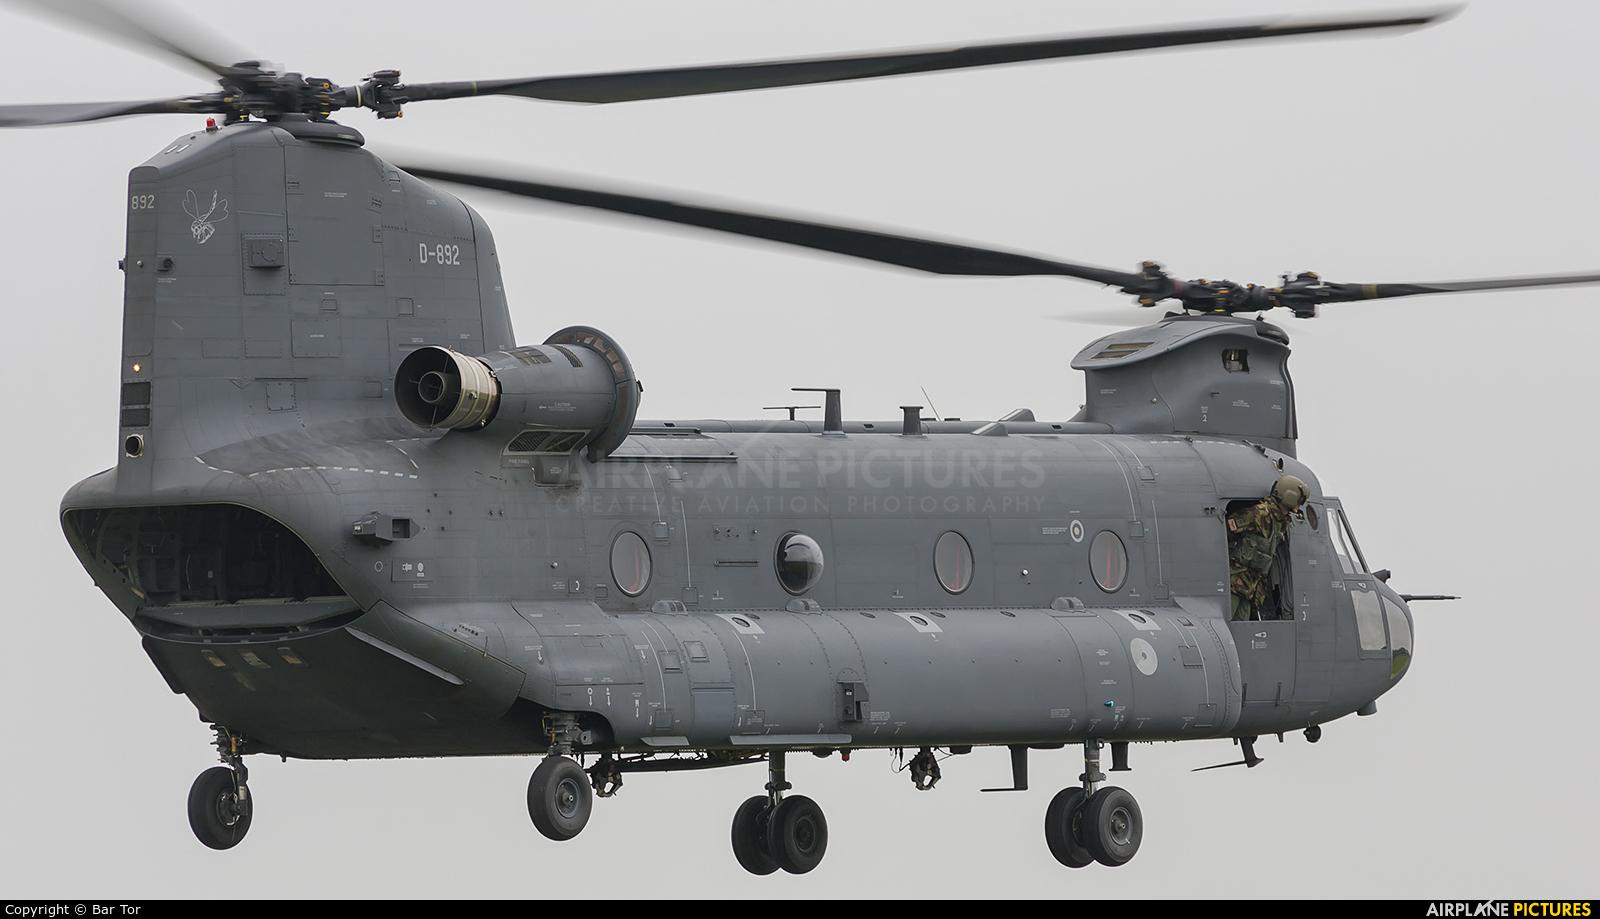 Netherlands - Air Force D-892 aircraft at Leeuwarden